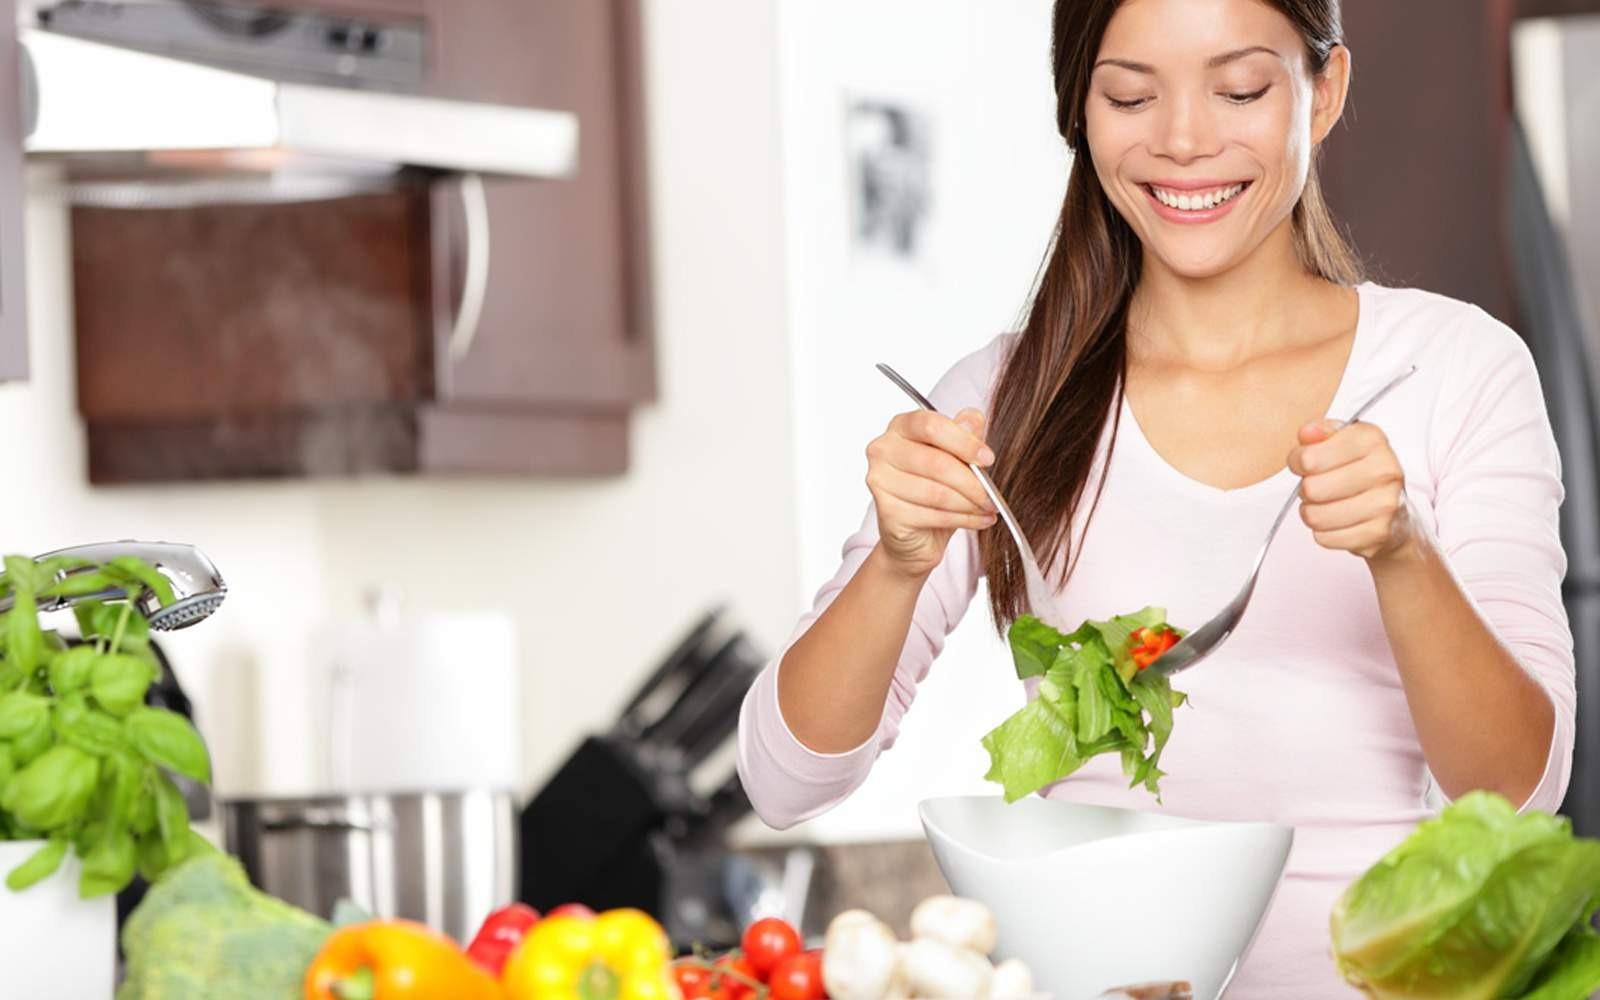 Sudah Konsumsi OAD, Penderita Diabetes Tetap Harus Jaga Asupan Nutrisi?